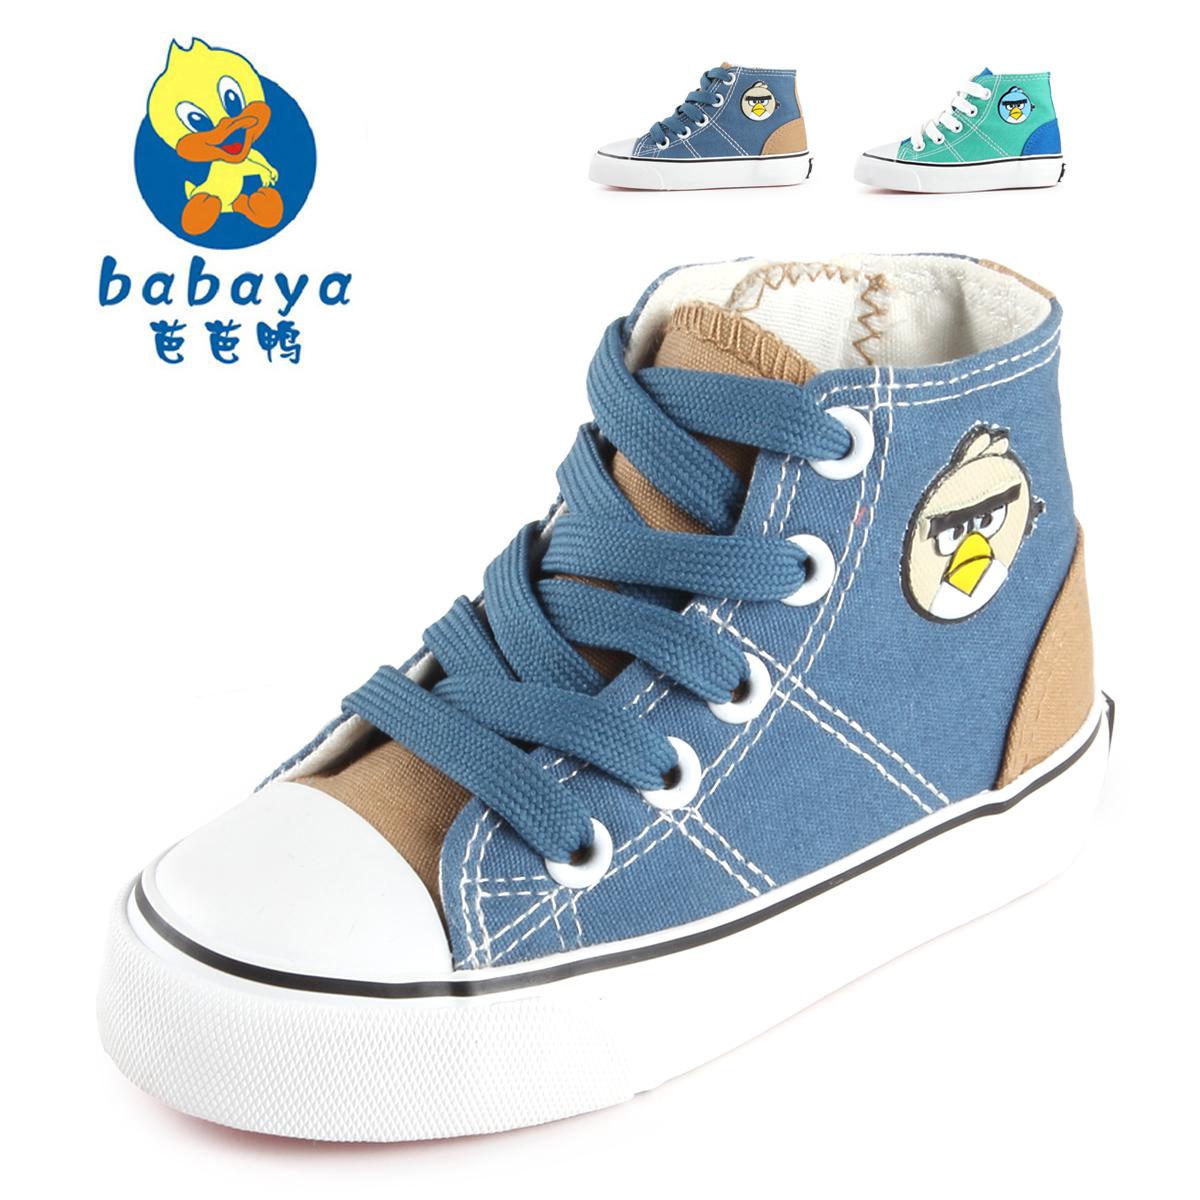 芭芭鸭 卡通小鸟 高帮儿童帆布鞋 男童女童宝宝 韩版正品童鞋新款图片